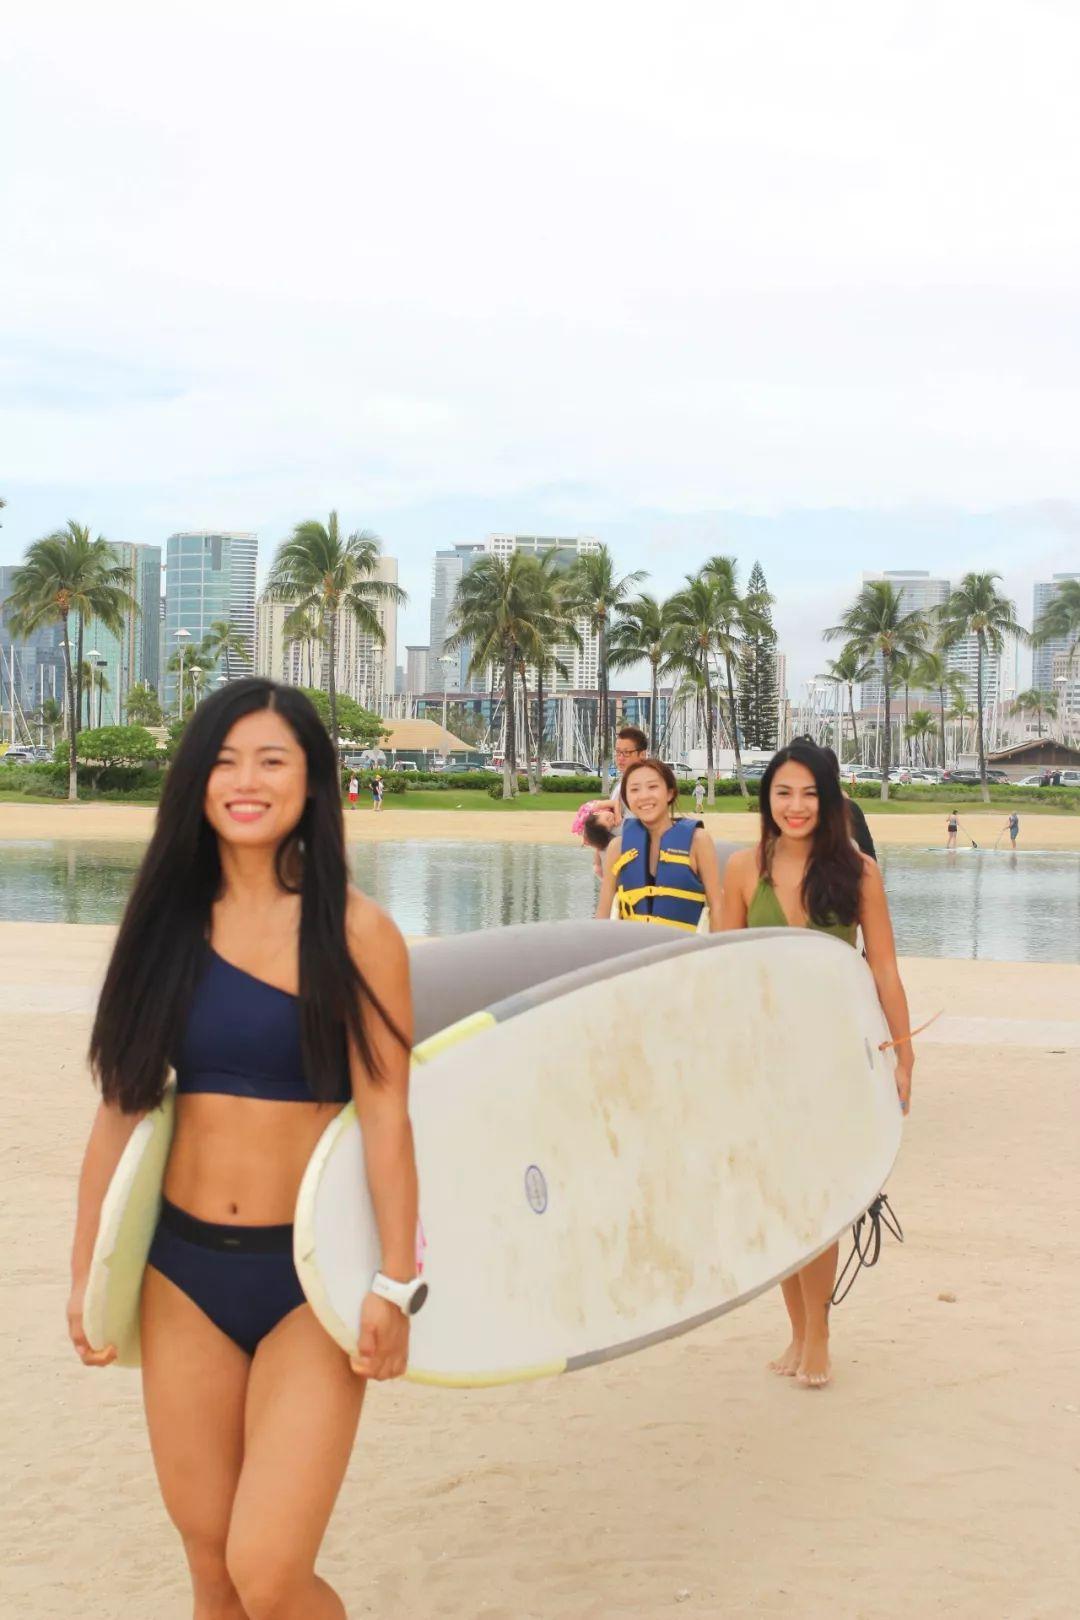 夏威夷这些最受欢迎的热门体验,Shape Girl们全都玩遍了!